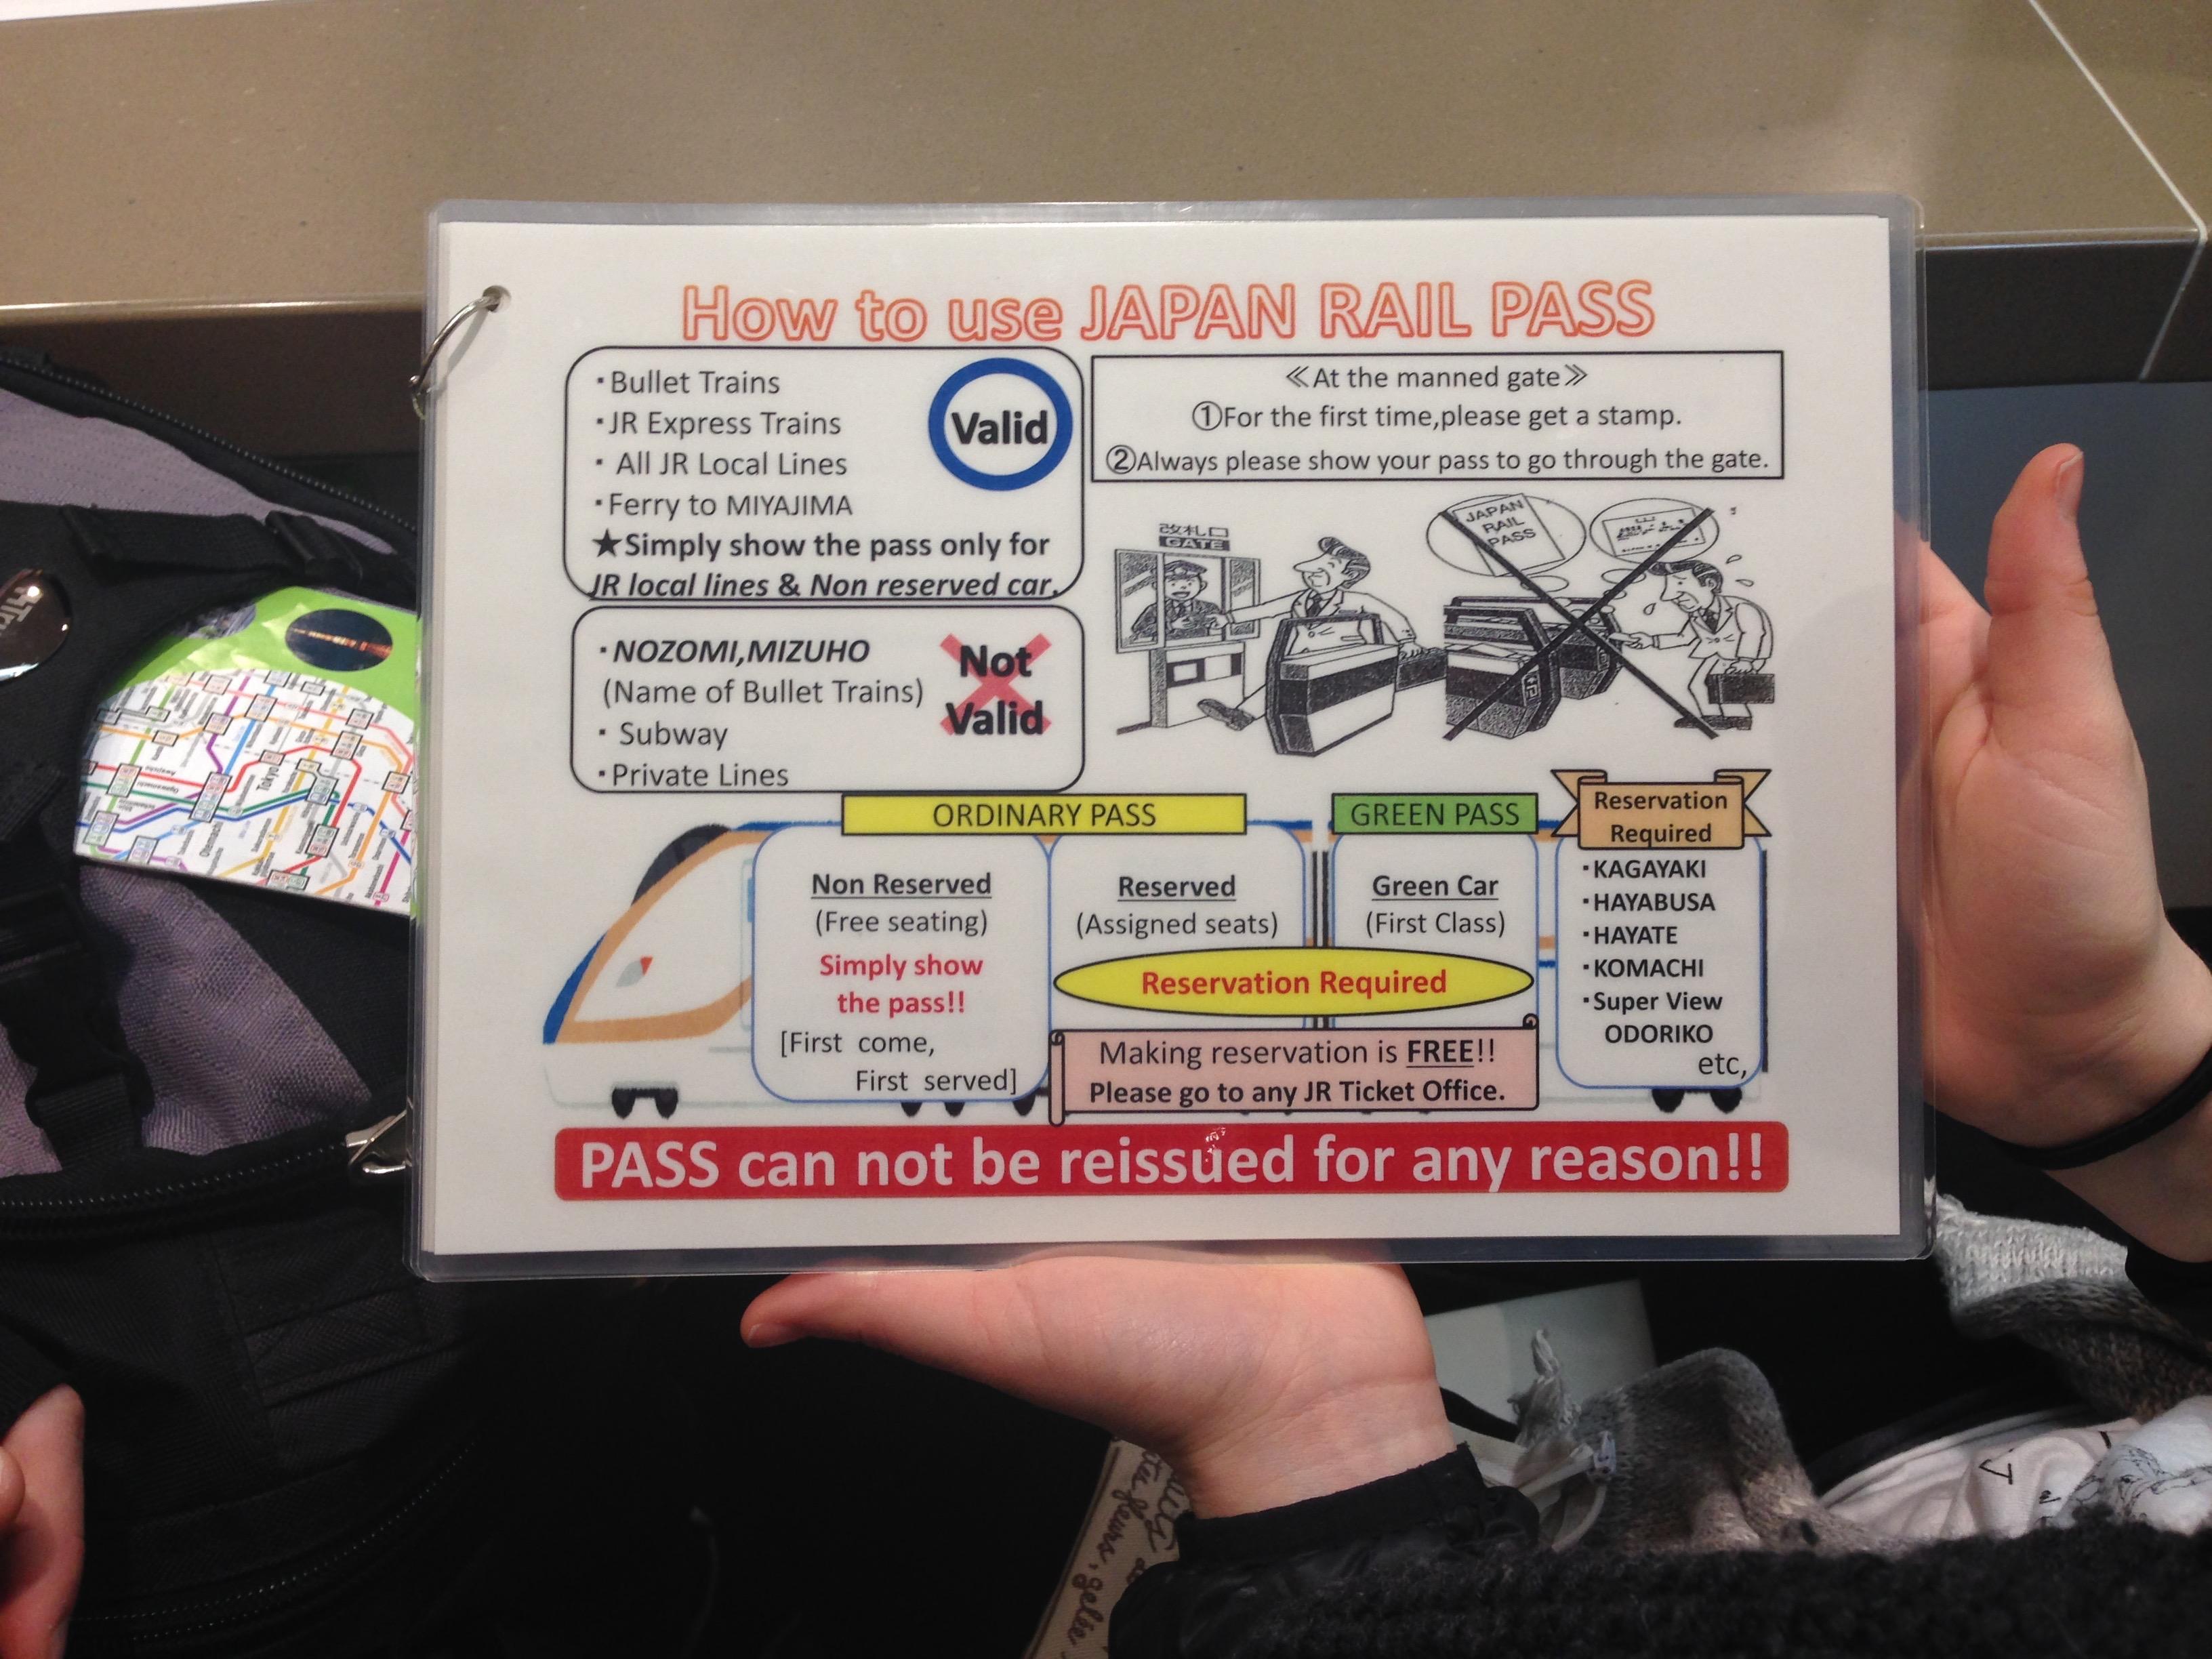 come-usare-il-japan-rail-pass